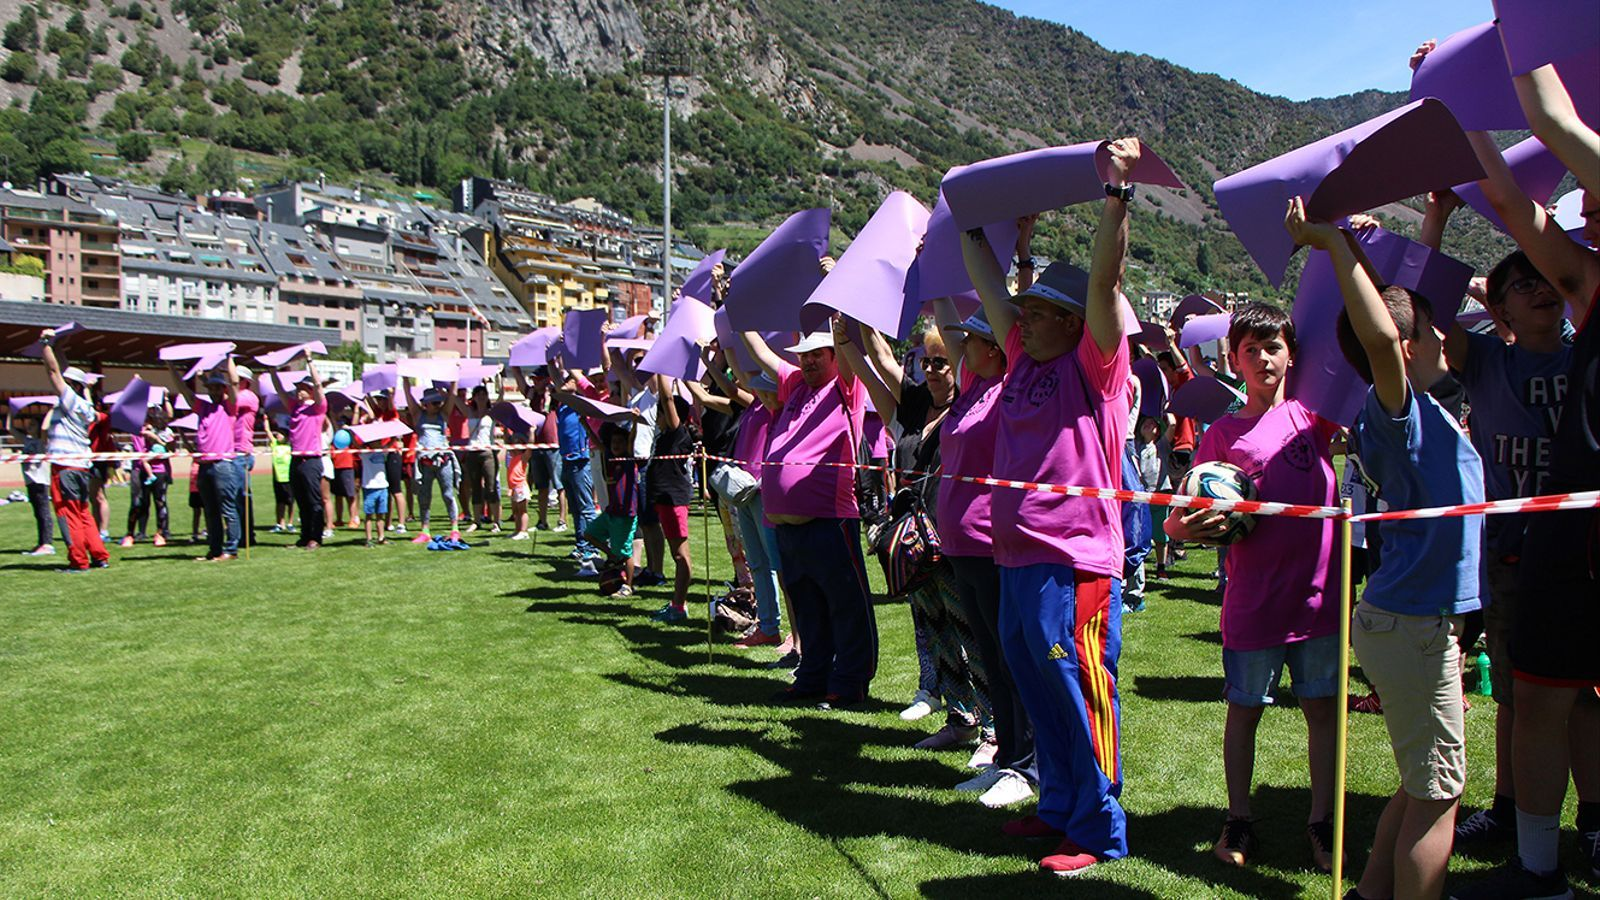 El llaç lila gegant que han aconseguit configurar els participants a les '12 hores d'esport Vall Banc contra el càncer'. / M. M. (ANA)